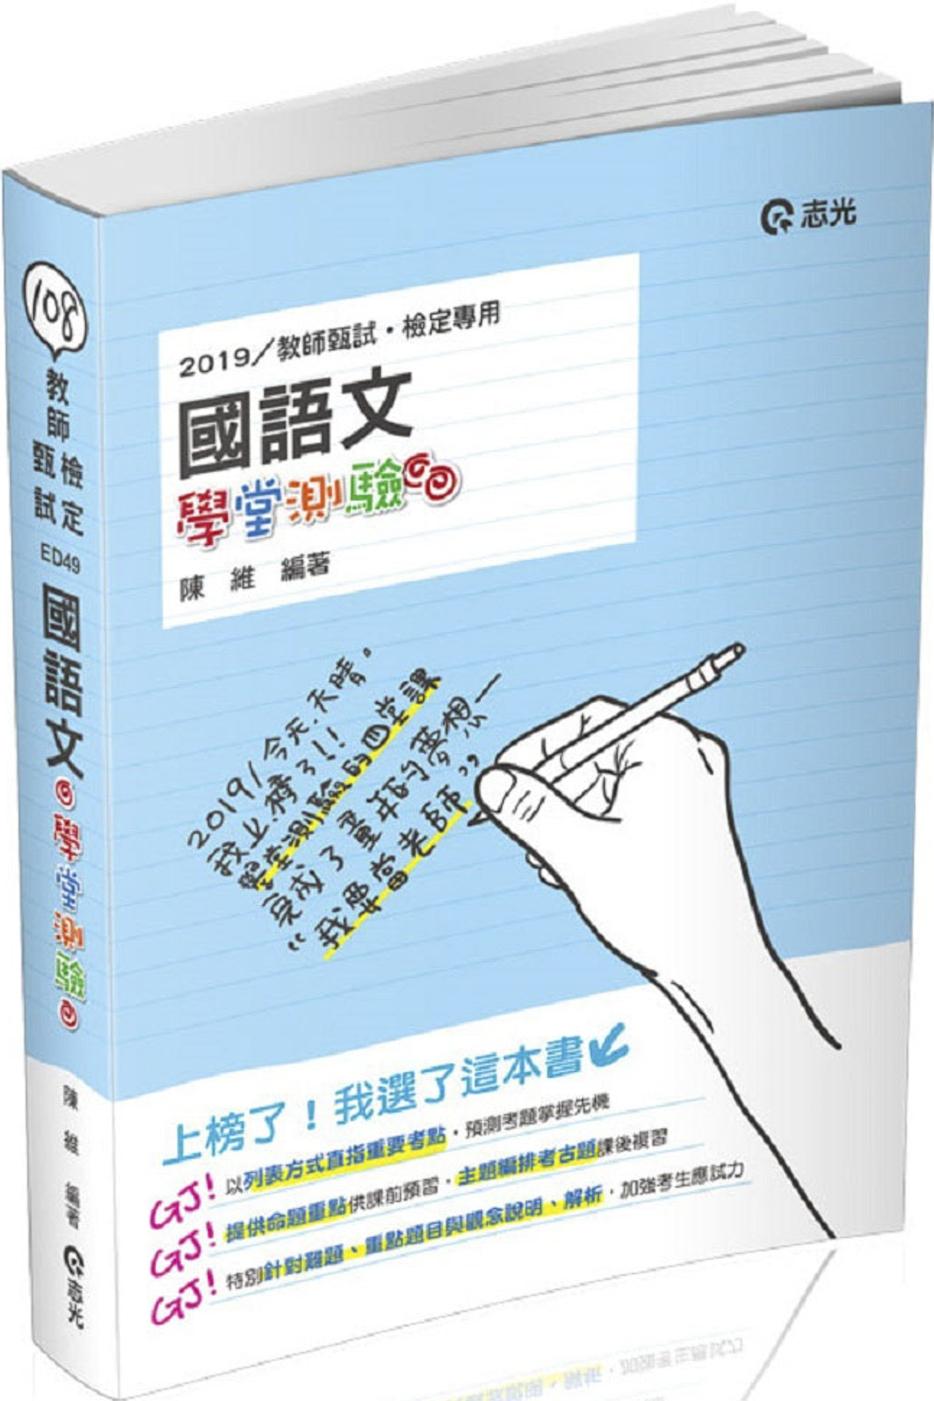 國語文學堂測驗(教師甄試、教師...